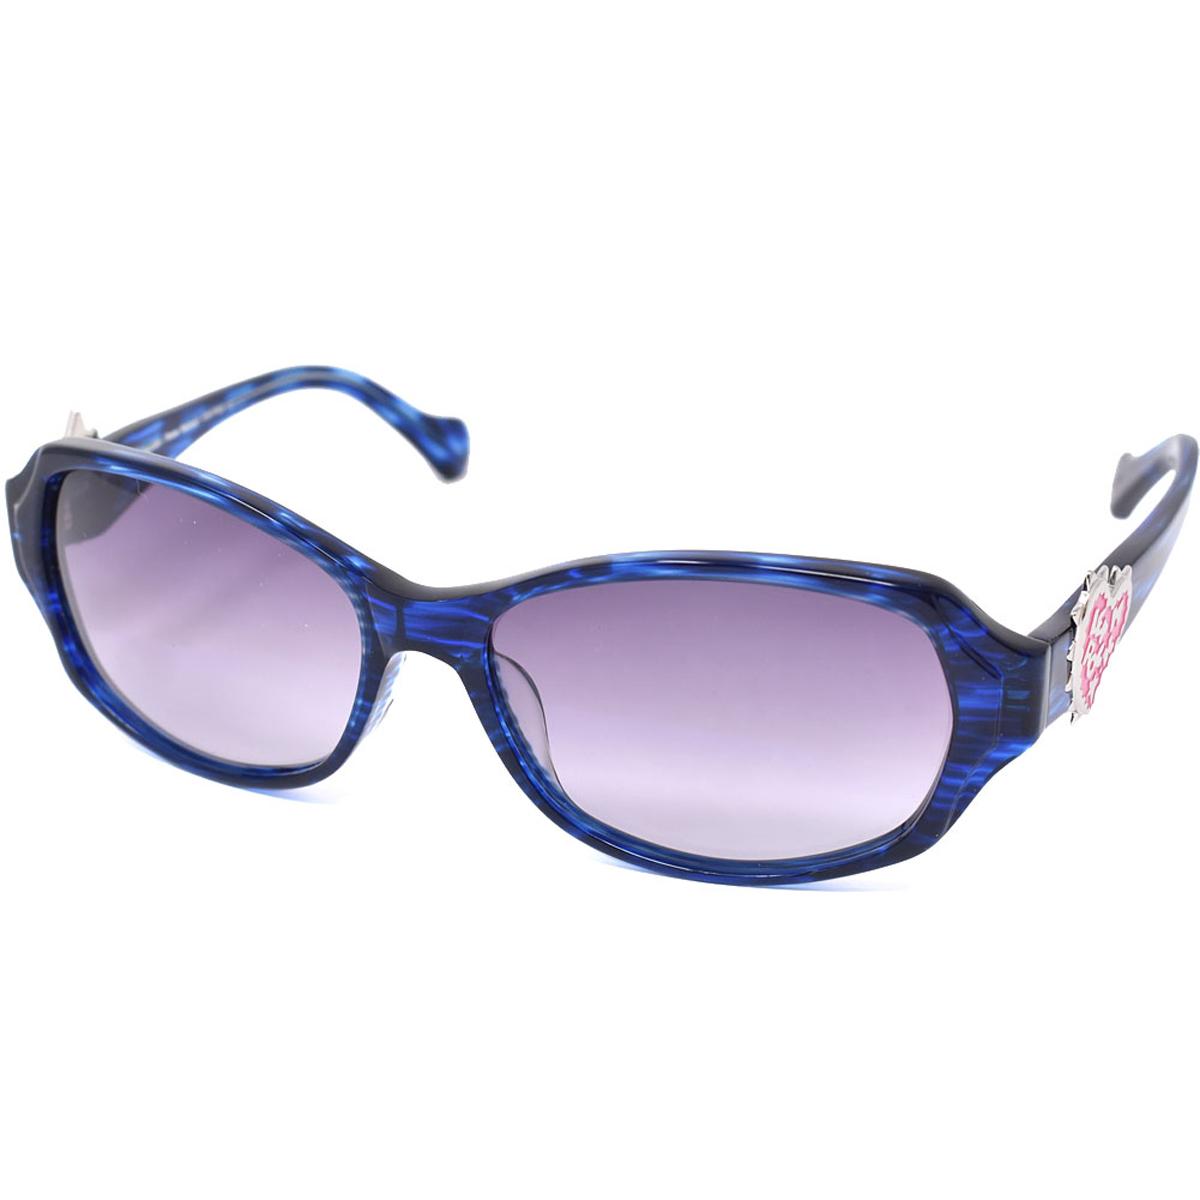 ヴィヴィアンウエストウッド Vivienne Westwood 7743 LI サングラス アジアンフィット メンズ レディース ブルー系